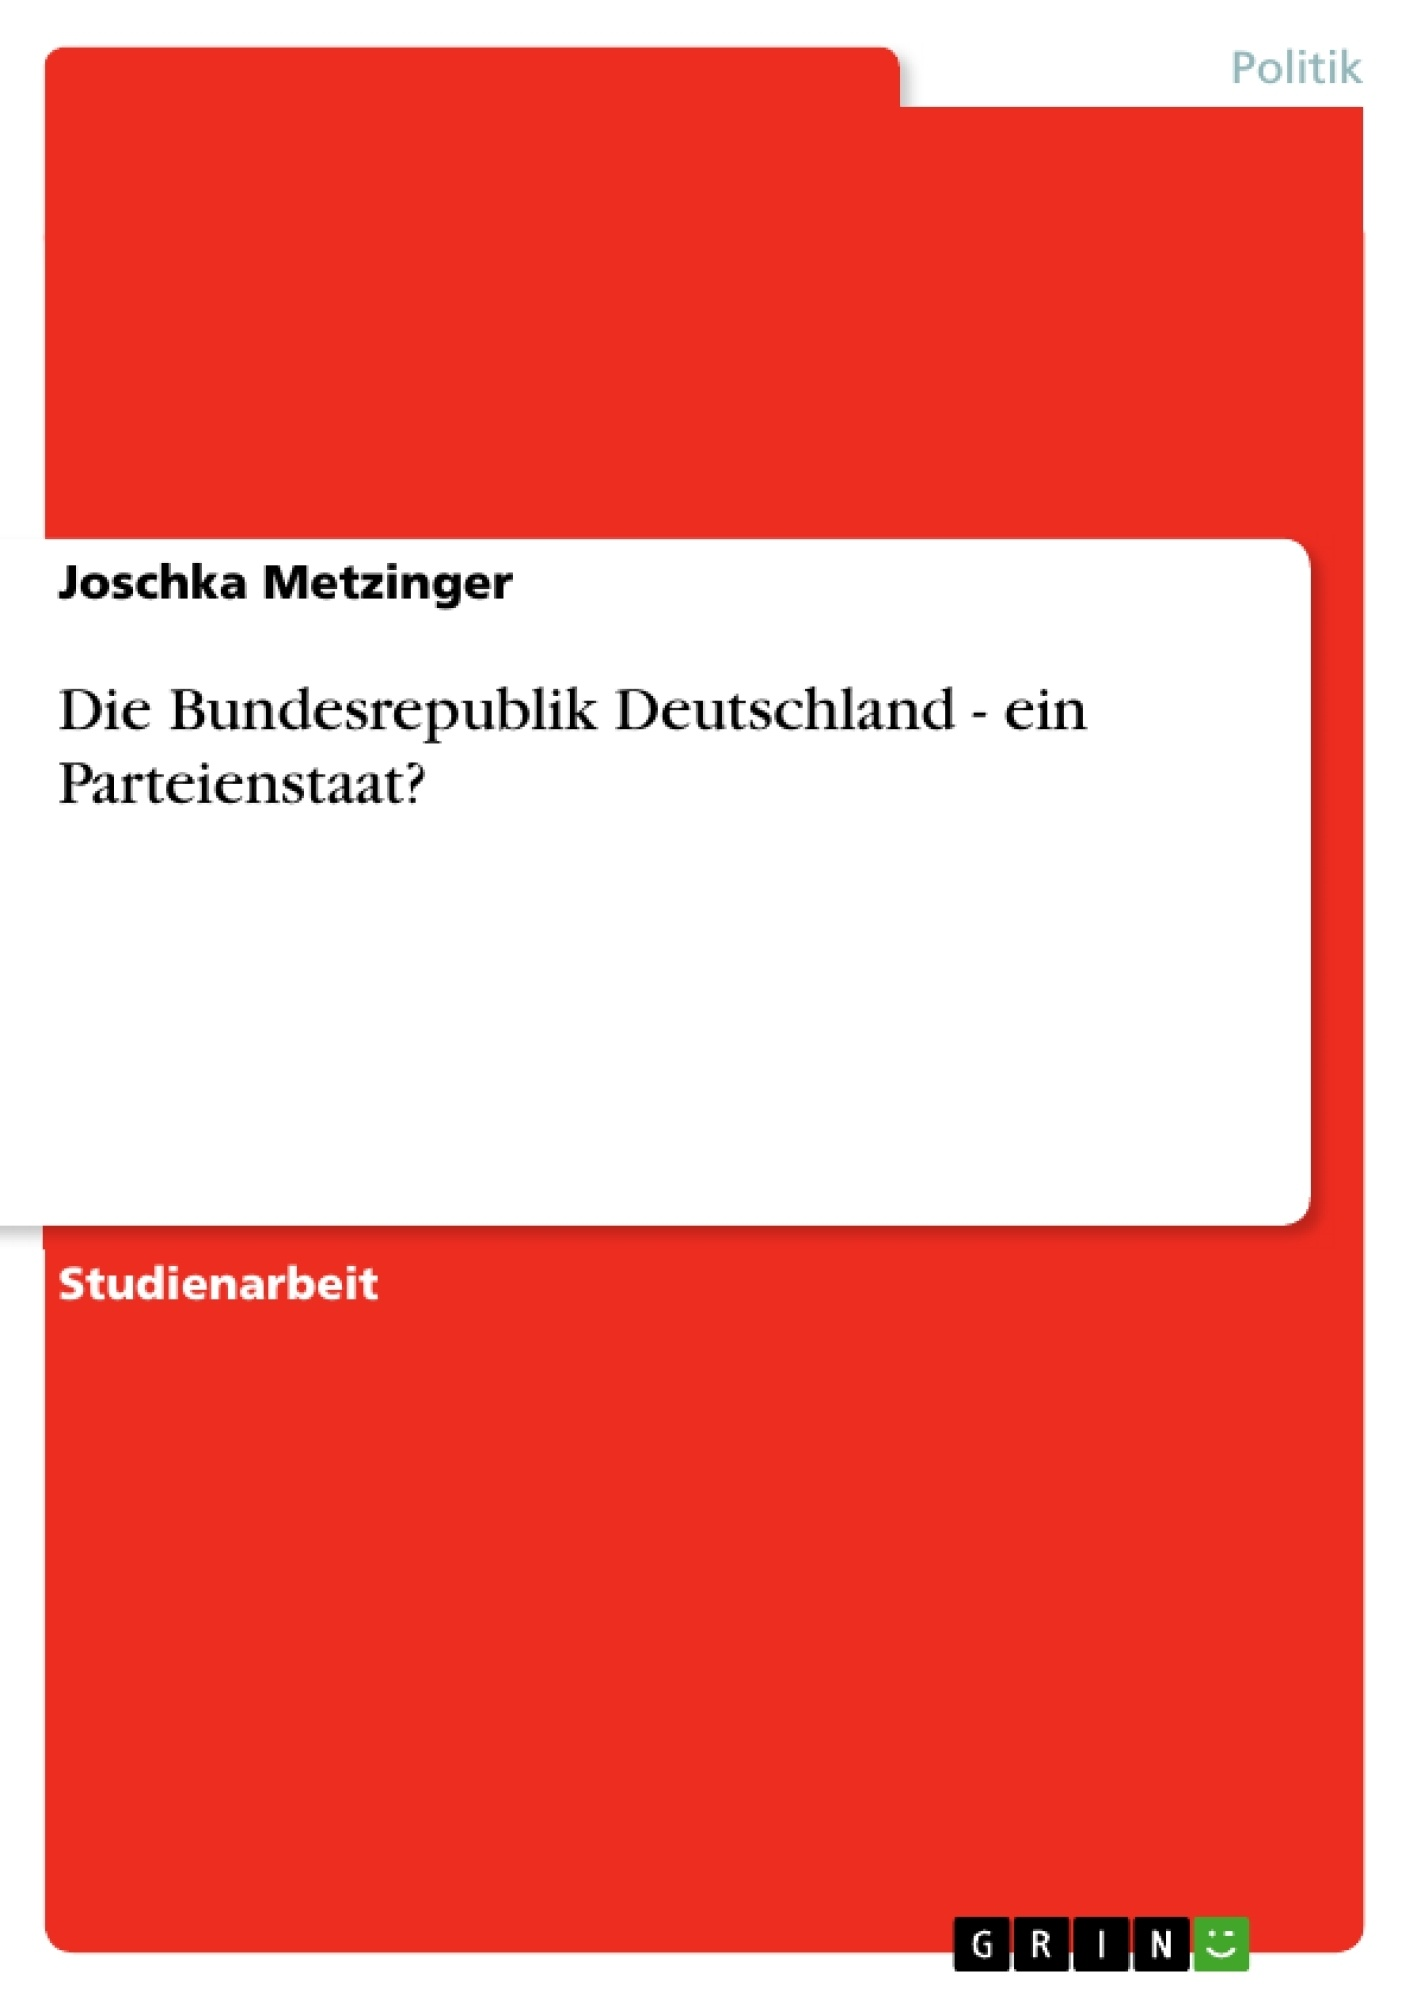 Titel: Die Bundesrepublik Deutschland - ein Parteienstaat?